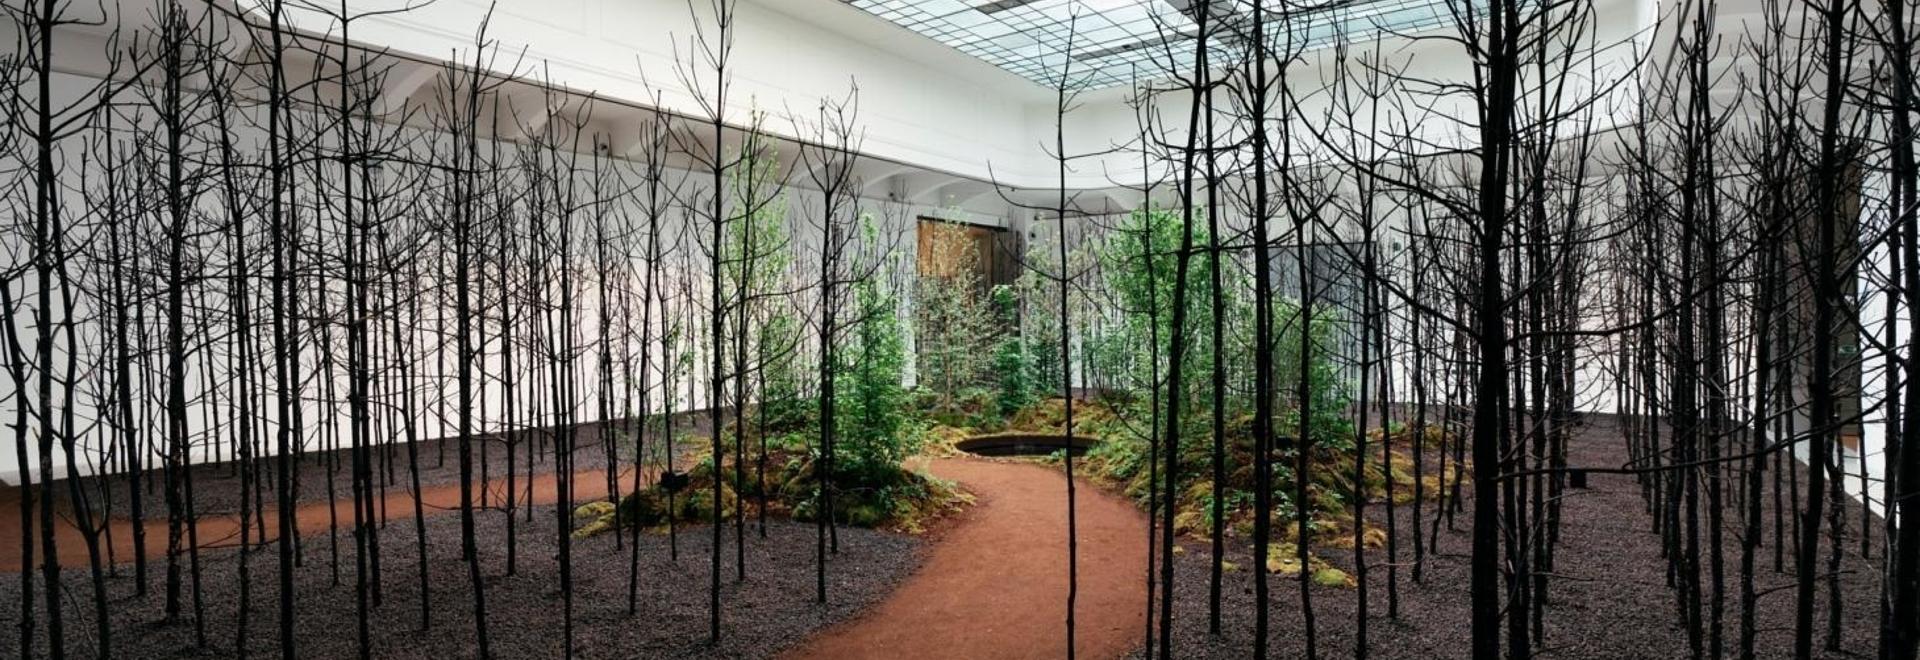 Invocazione per la speranza al Museo delle Arti Applicate come parte della Biennale di Vienna per il cambiamento 2021. Fotografia Gregor Hofbauer